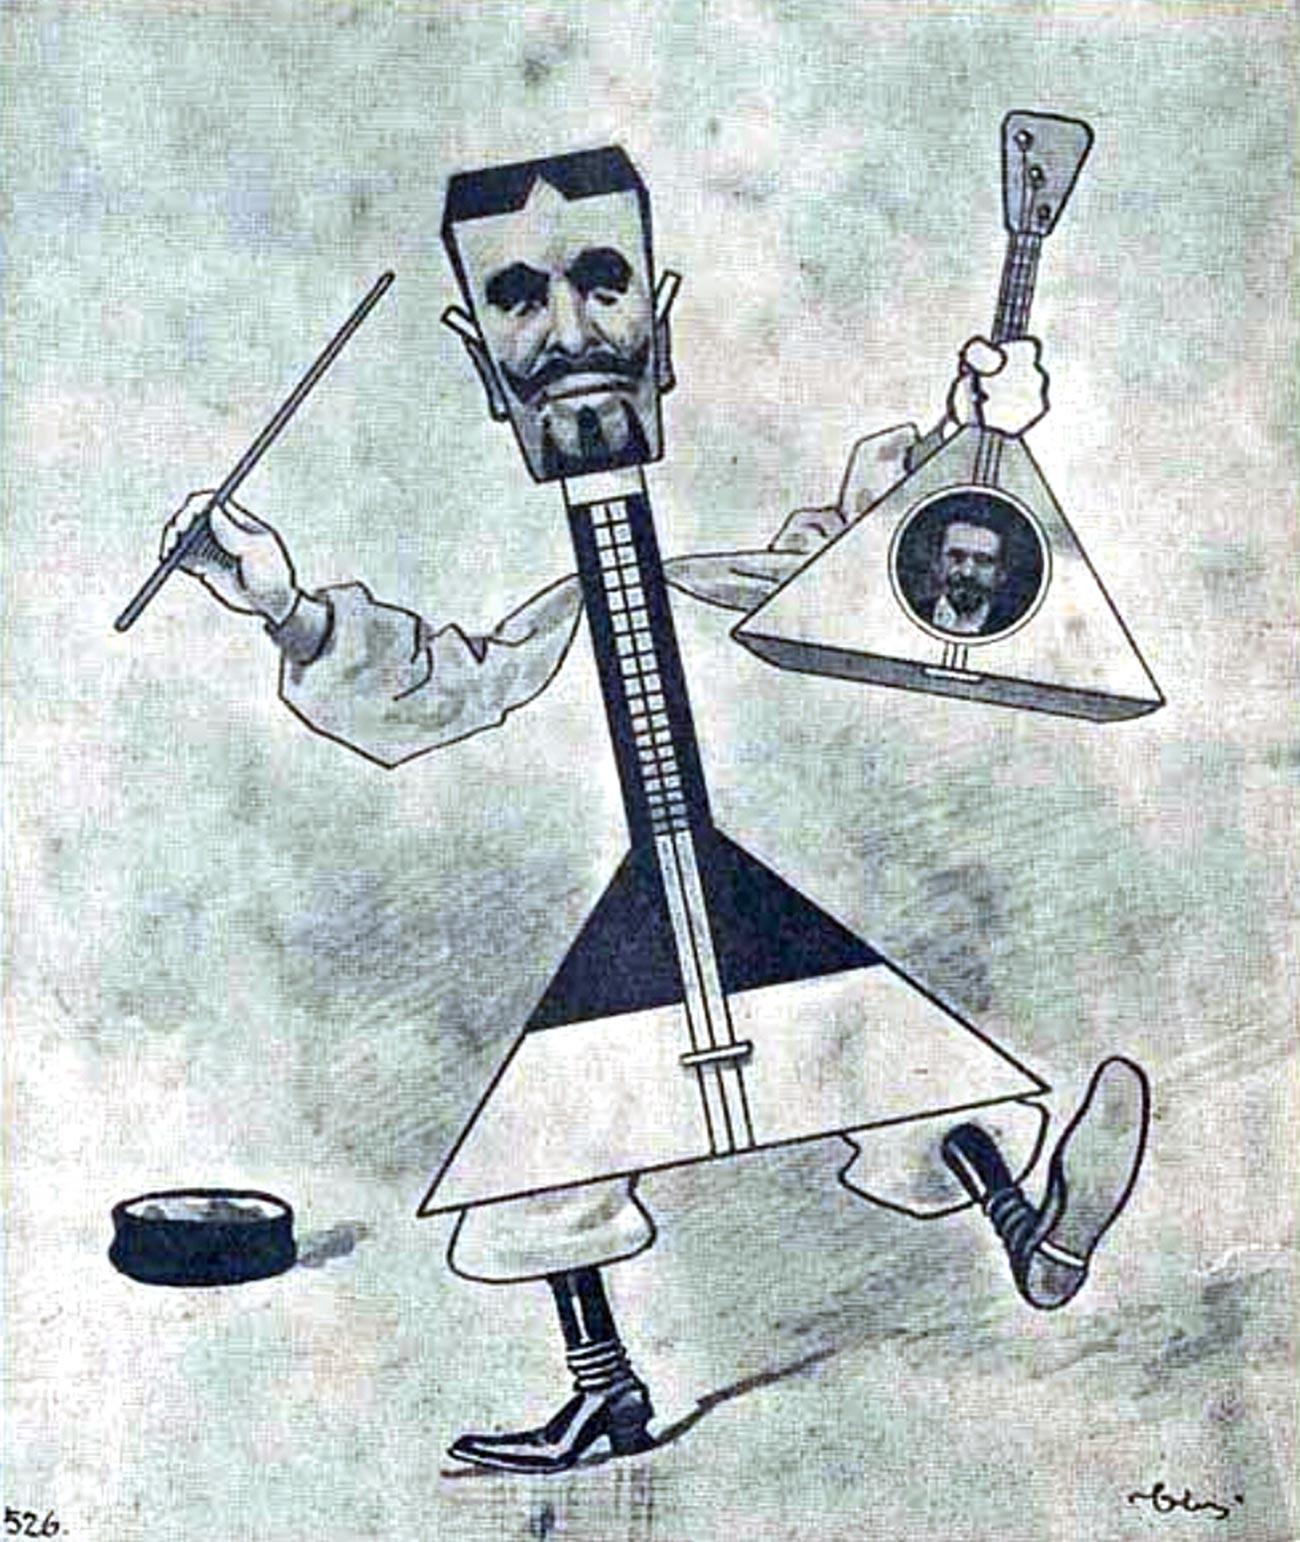 ワシーリー・アンドレーエフを描くカリカチュア。「ストレコザ(トンボ)」雑誌、1903年